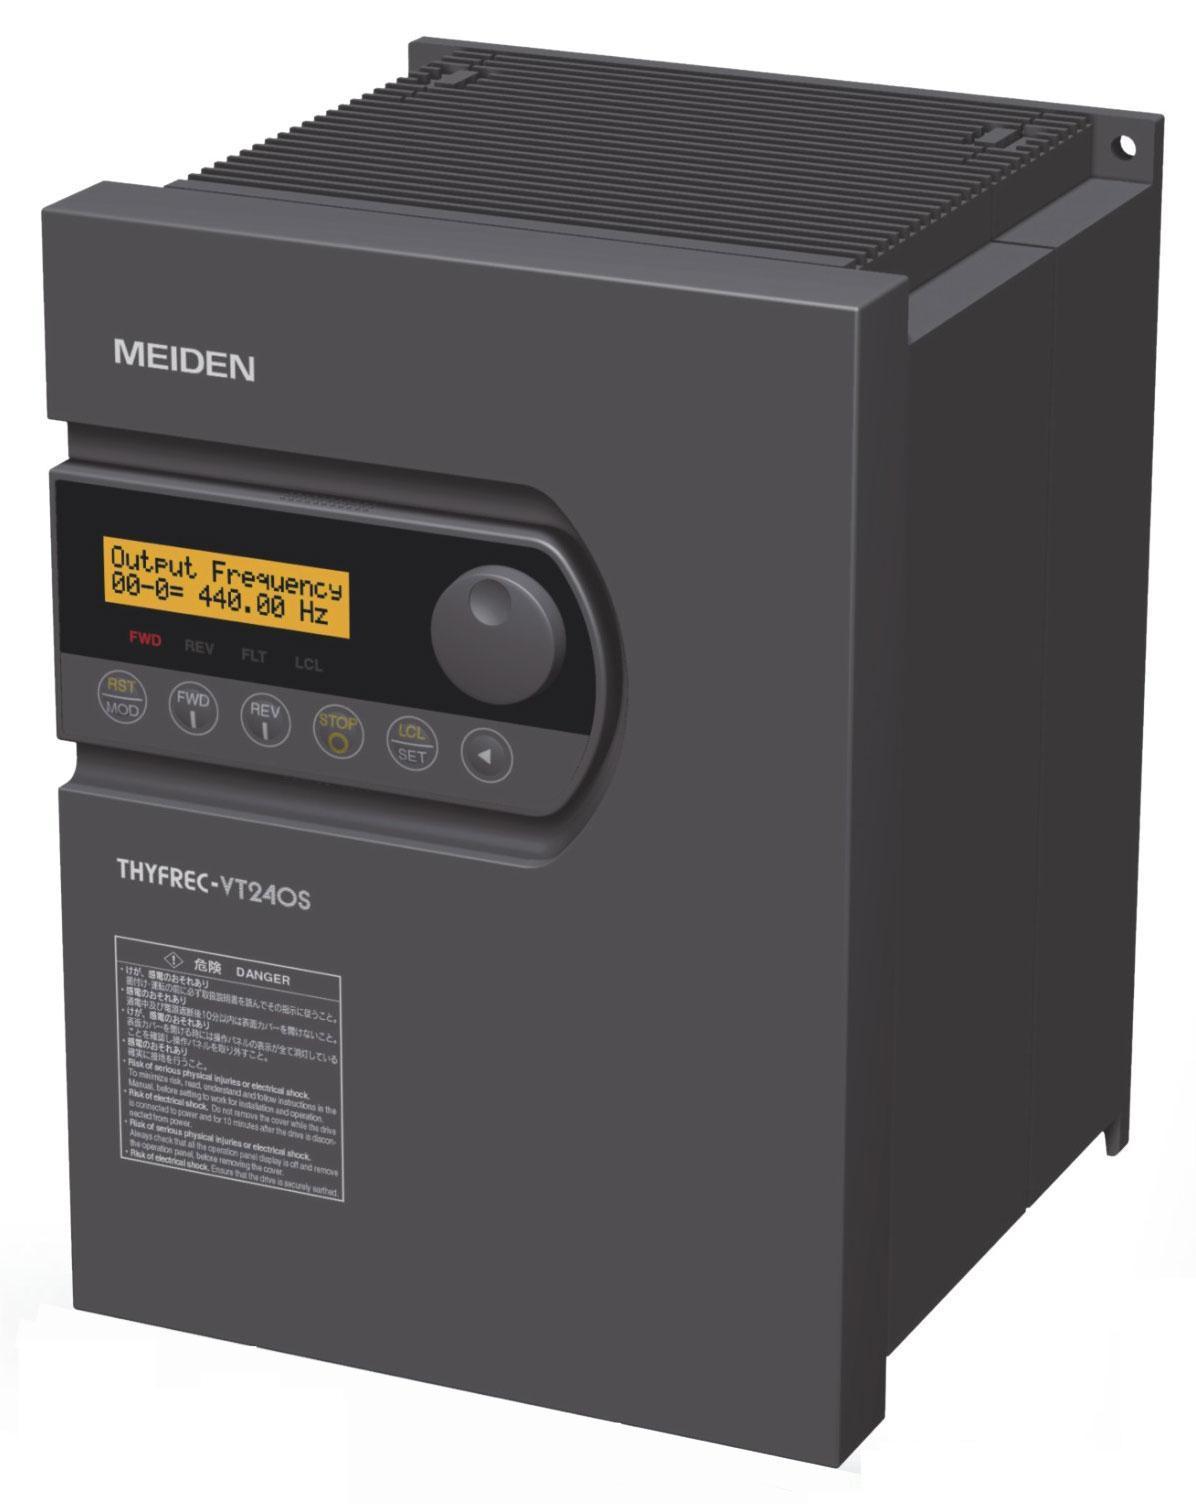 常州明电meiden舍变频器VT230S系列技术指导